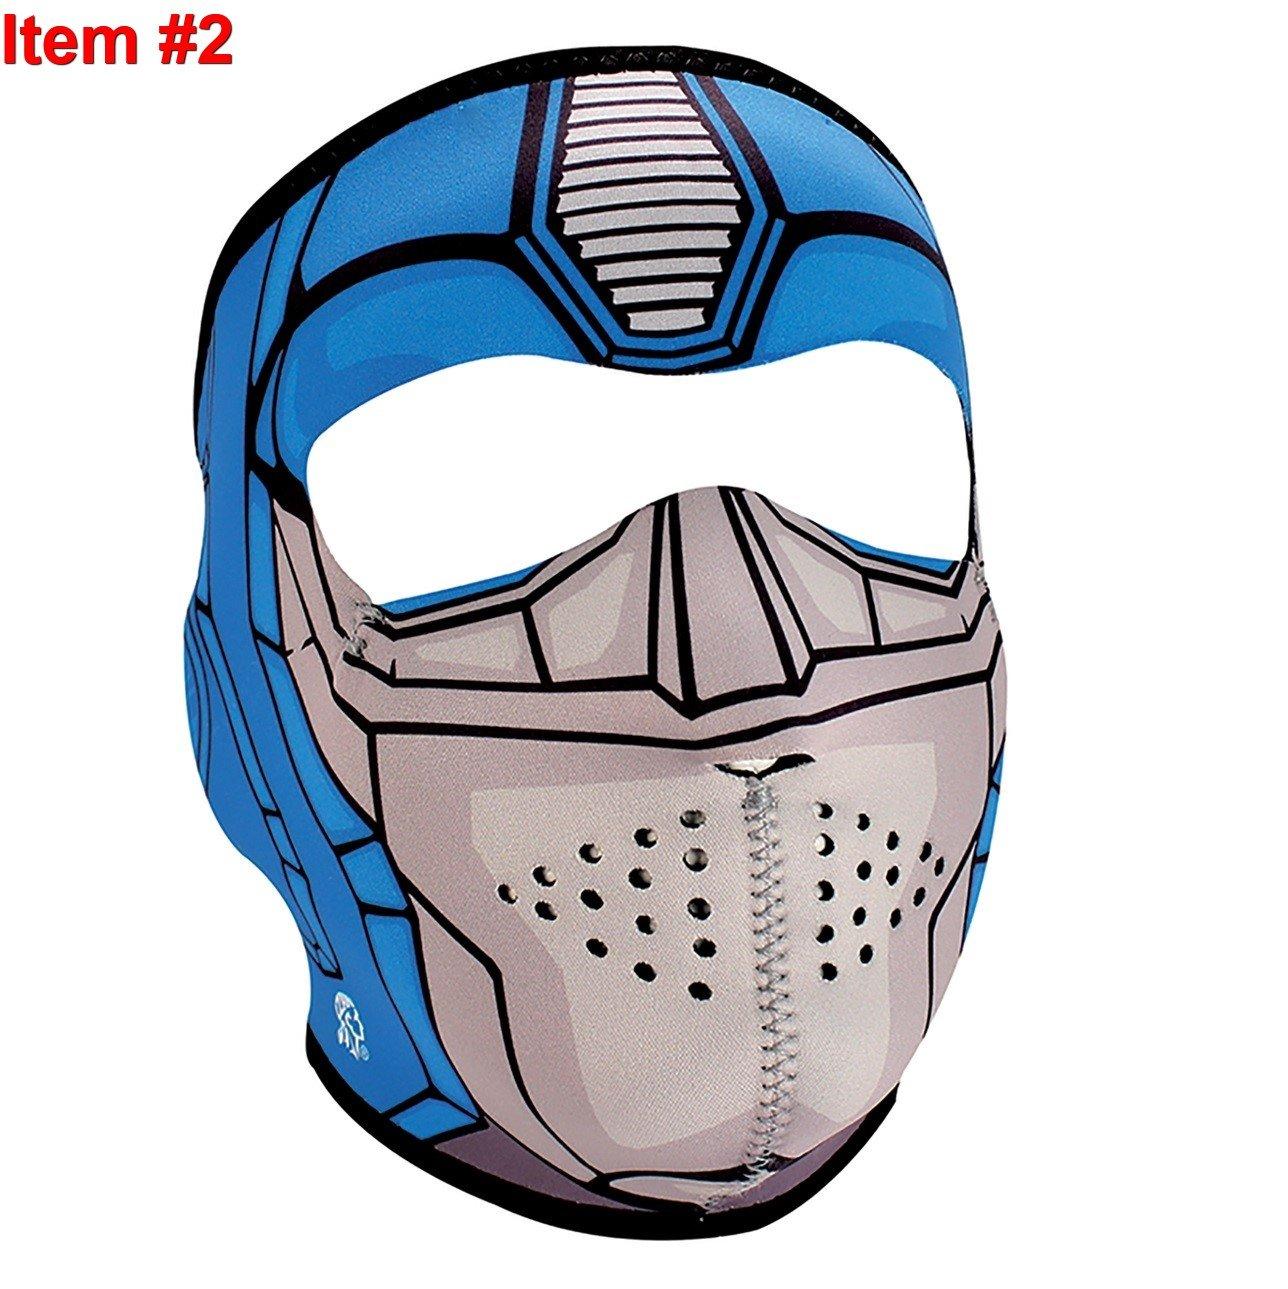 ... bala de plata Fanged hombre lobo de cara completa máscaras de neopreno - and- 1 Zan, niño/niño de tamaño, Guardian neopreno Full Face cara máscaras, ...